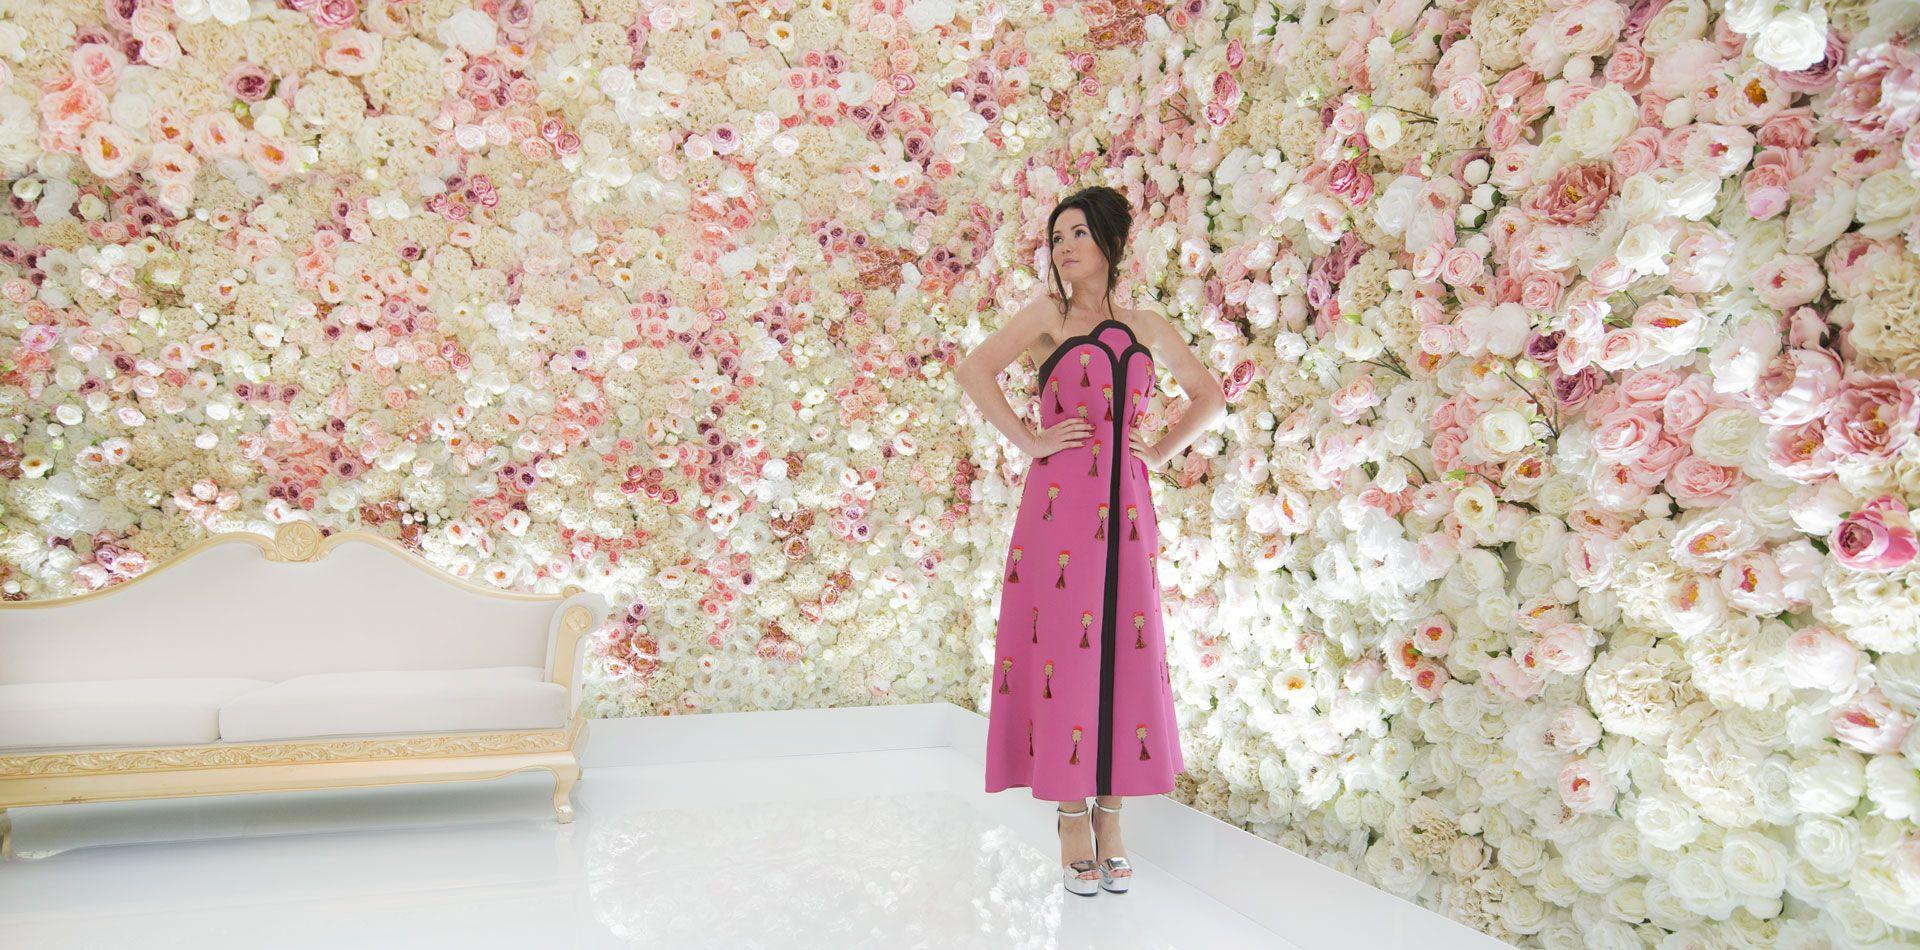 Студия декора Юлии Шакировой, цветочная свадьба, фото 4